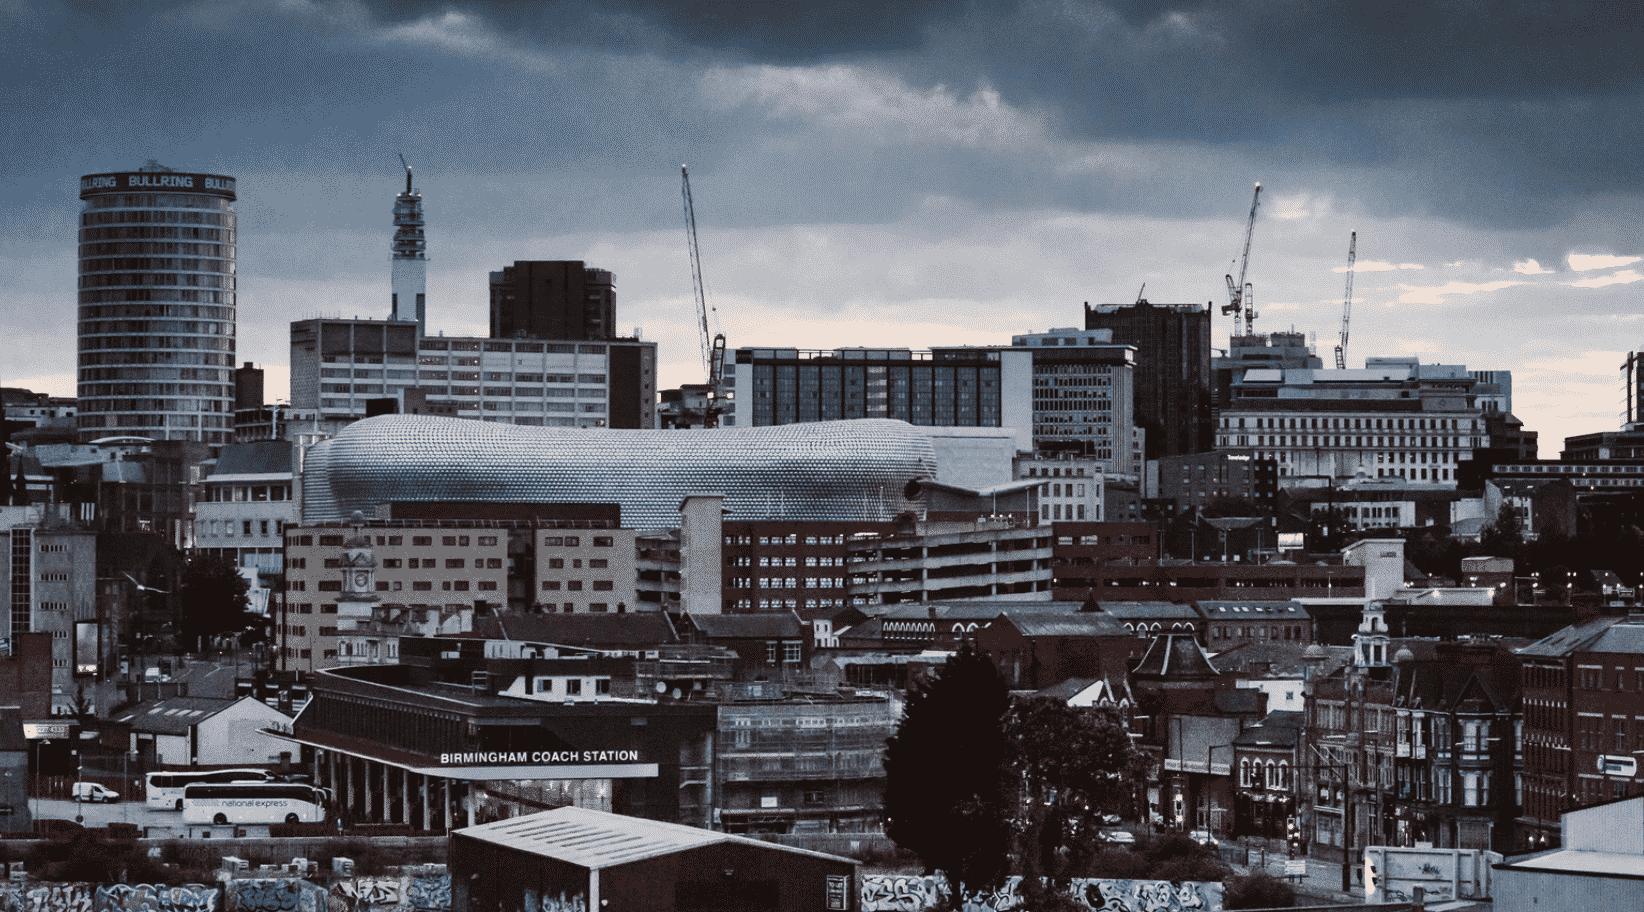 Birmingham in UK